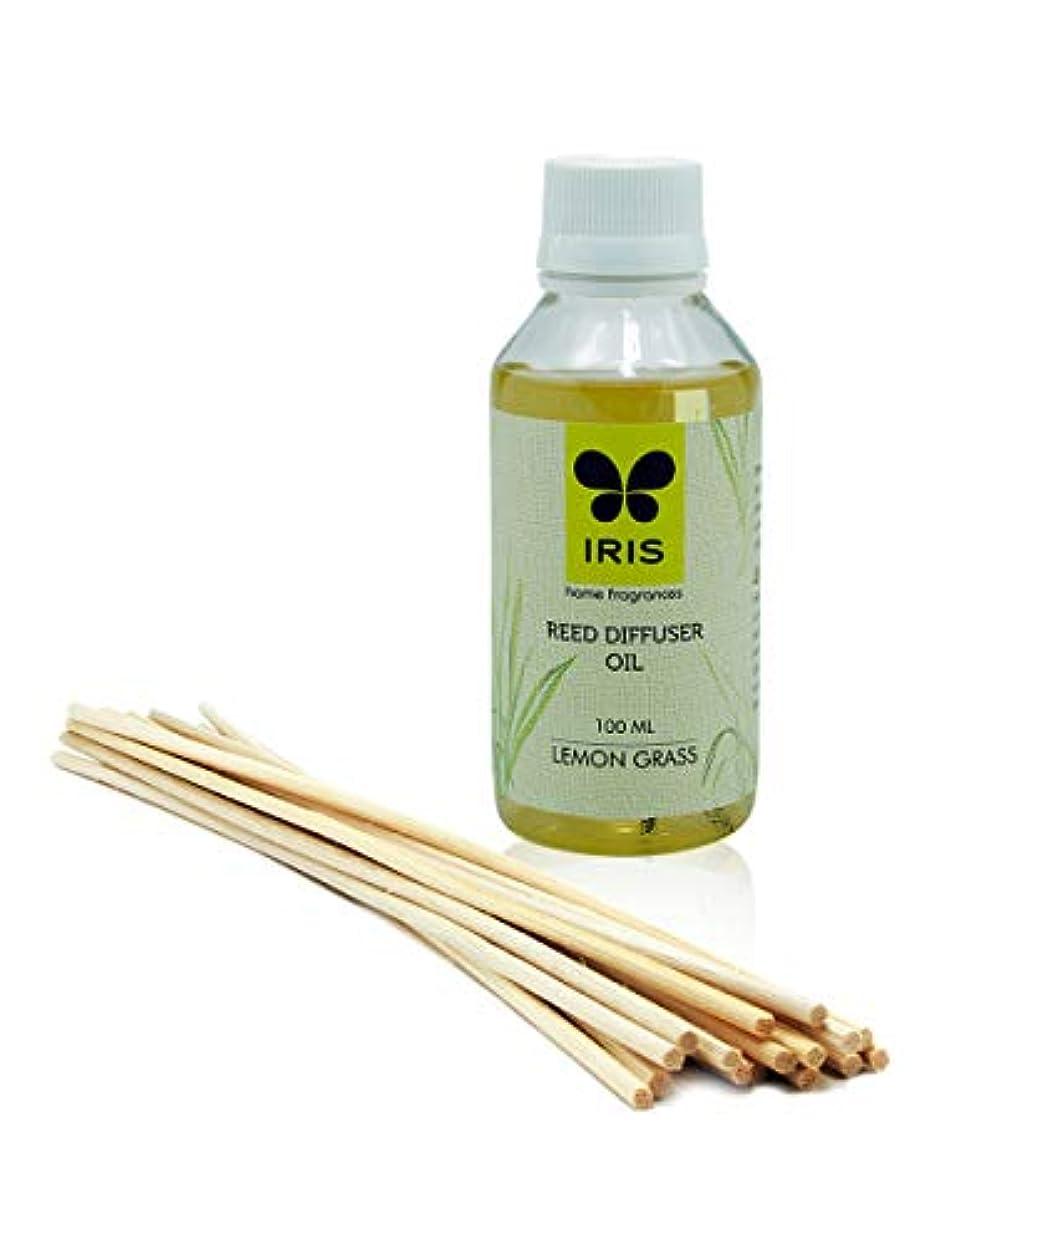 相談するソケットゴルフIris Reed Diffuser Refill Pack Lemon Grass Fragrance標準